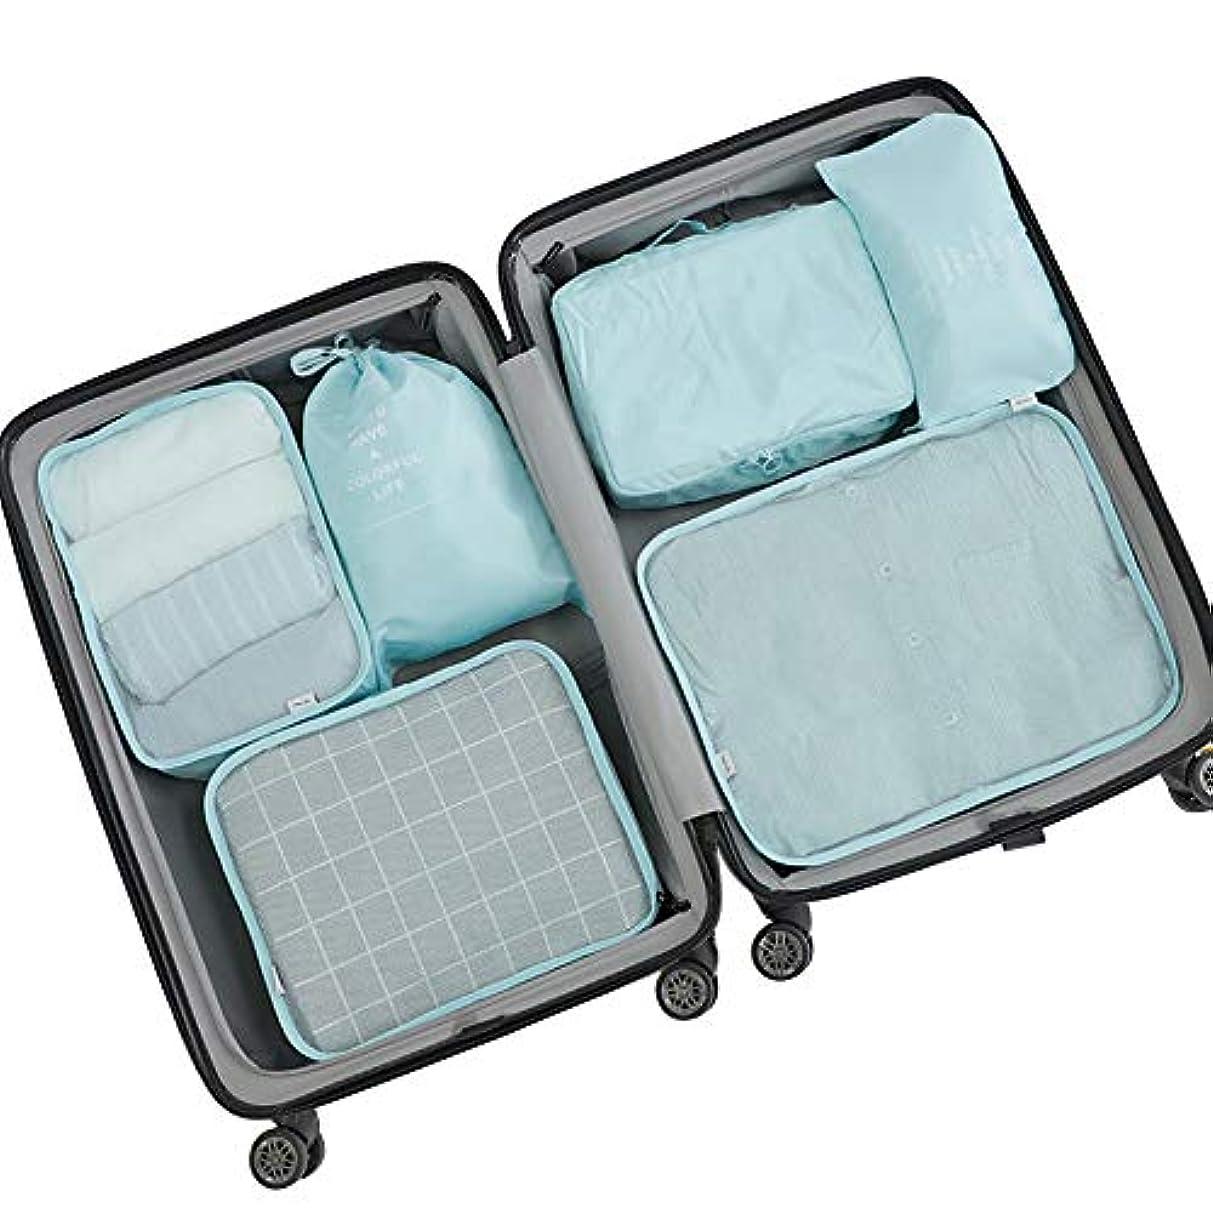 トラベルポーチ 6点セット 収納ポーチ 旅行用 衣類 バッグ ケース 化粧ポーチ メンズ 大容量 防水